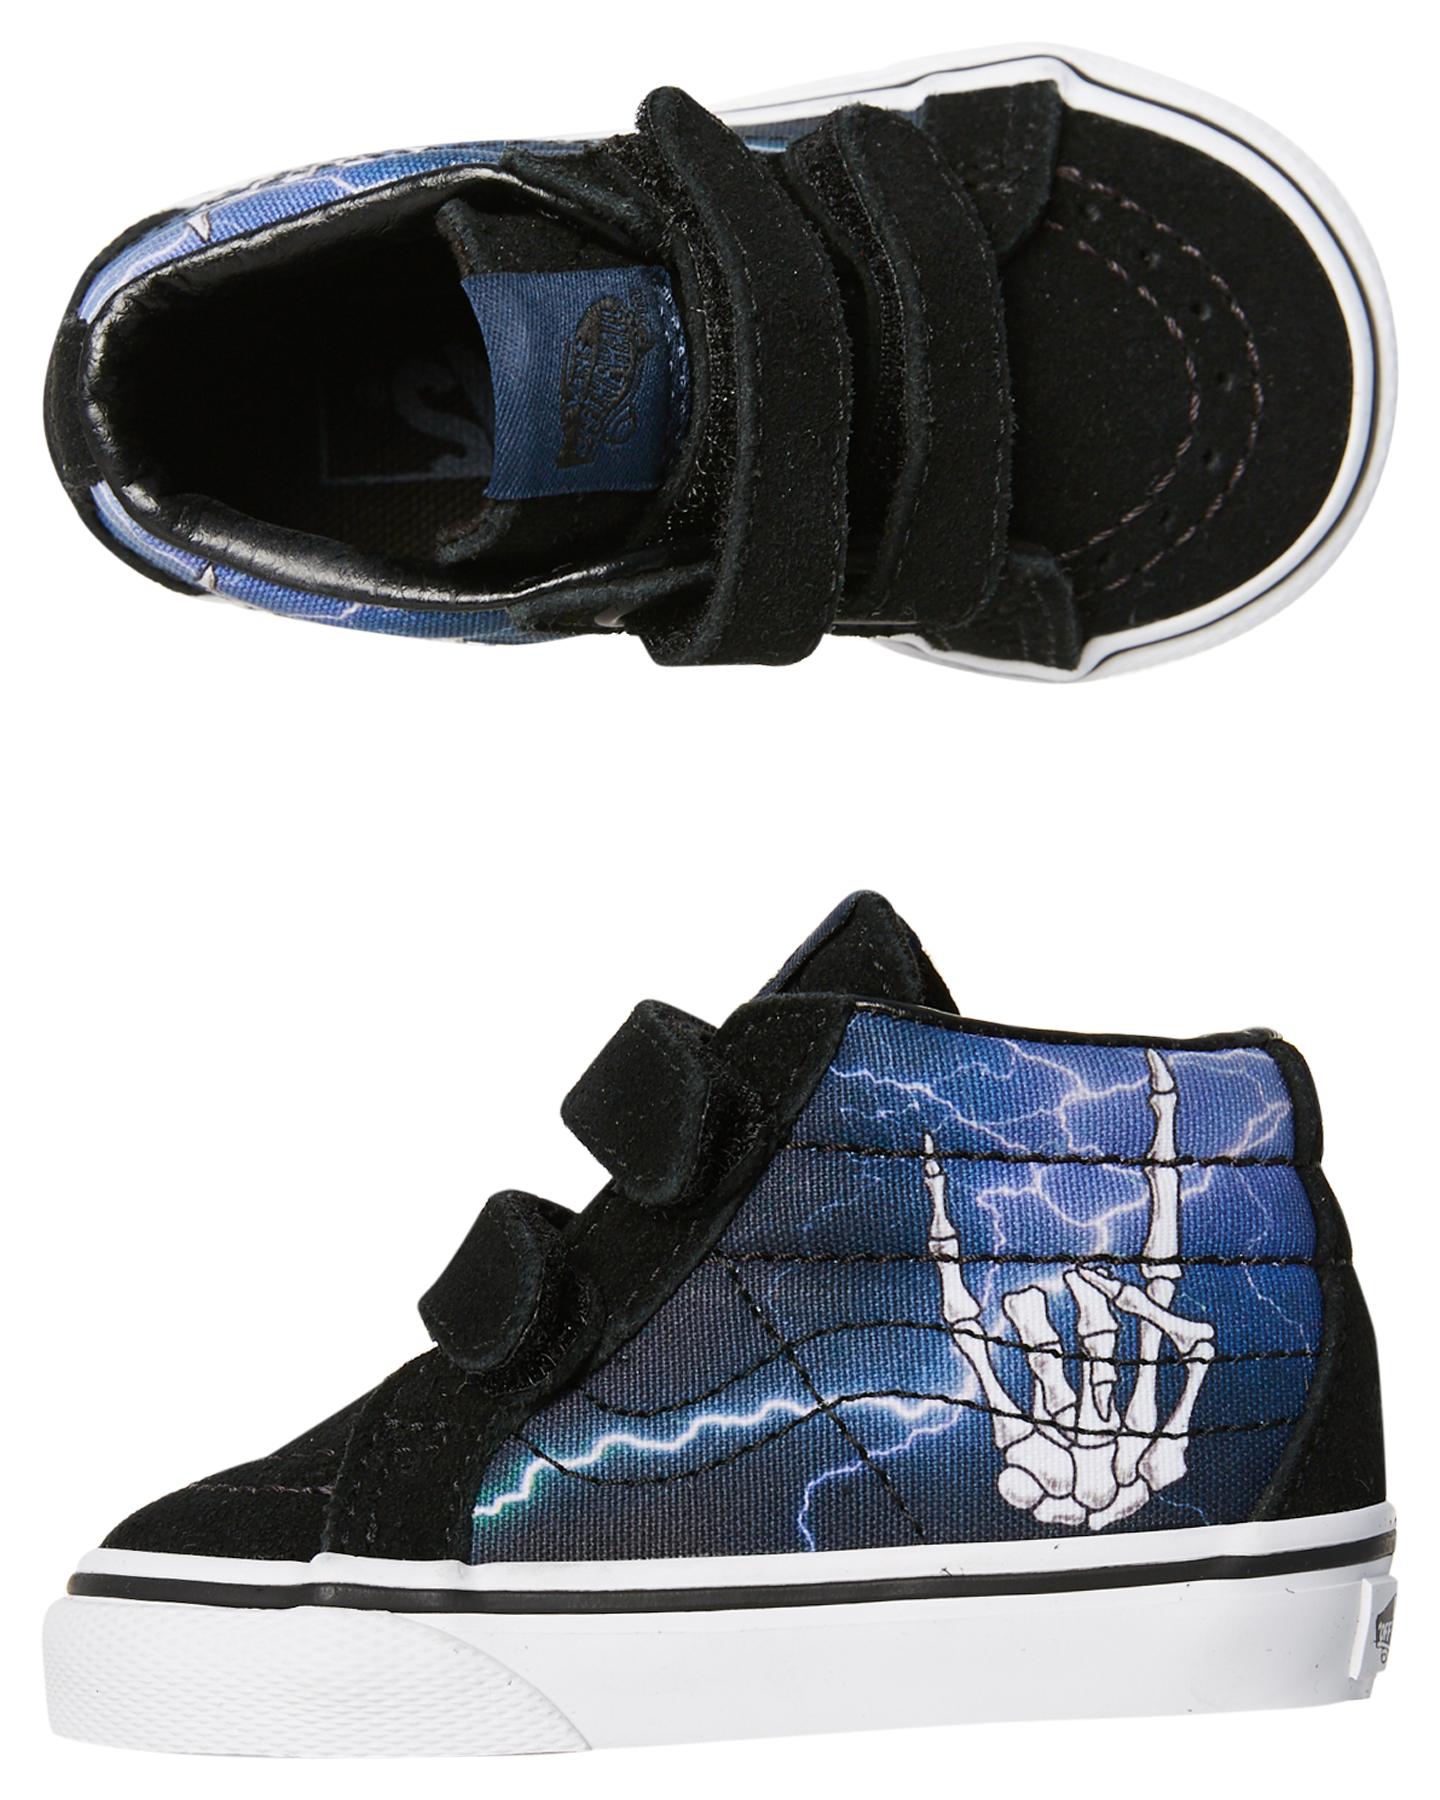 7c734ae075 Vans Sk8 Mid Reissue V Rocker Bones Shoe - Kids - Lightning Black ...